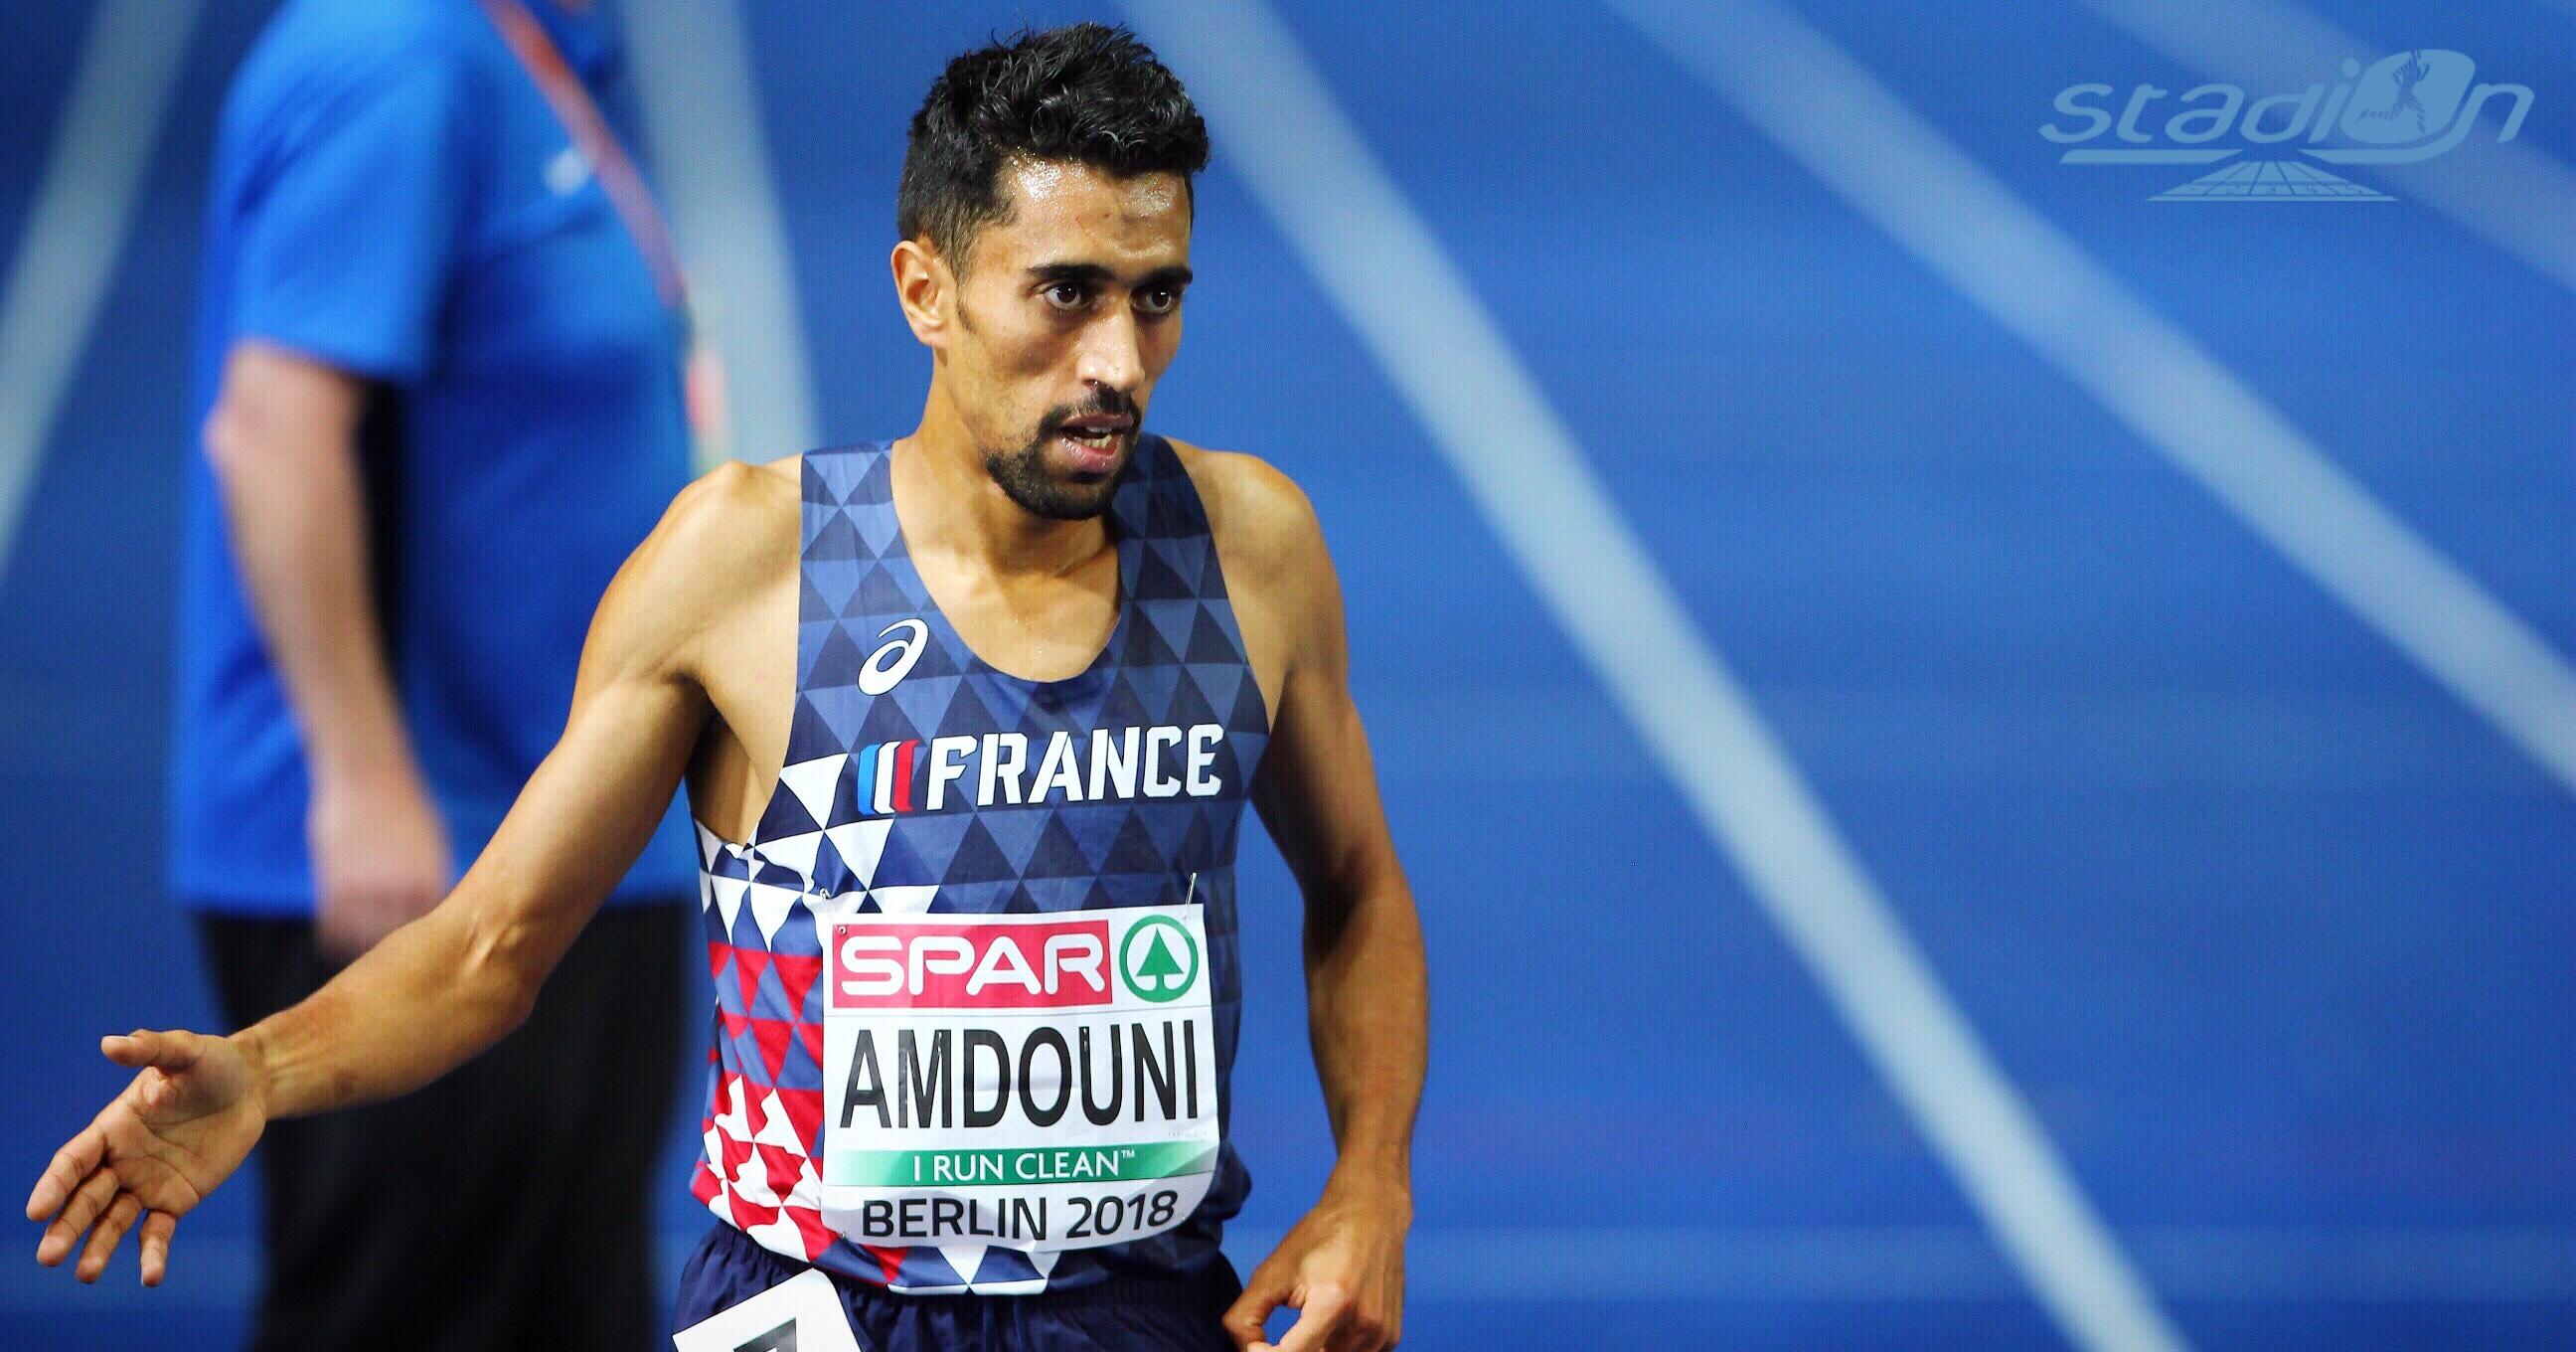 Morhad Amdouni va tenter de battre le record de France de l'heure sur piste